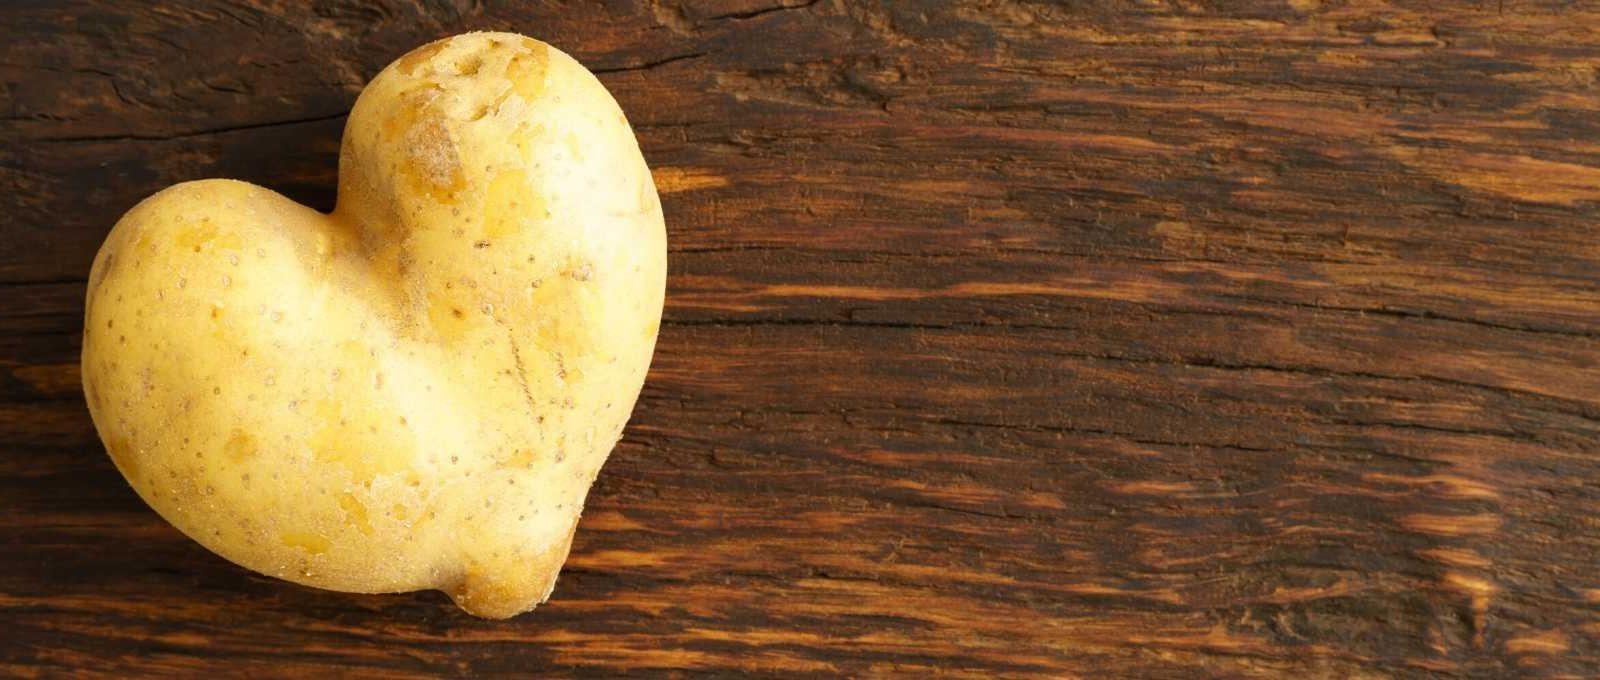 krompiraska-maska-od-krompira-za-rast-kose-za-masnu-kosu.